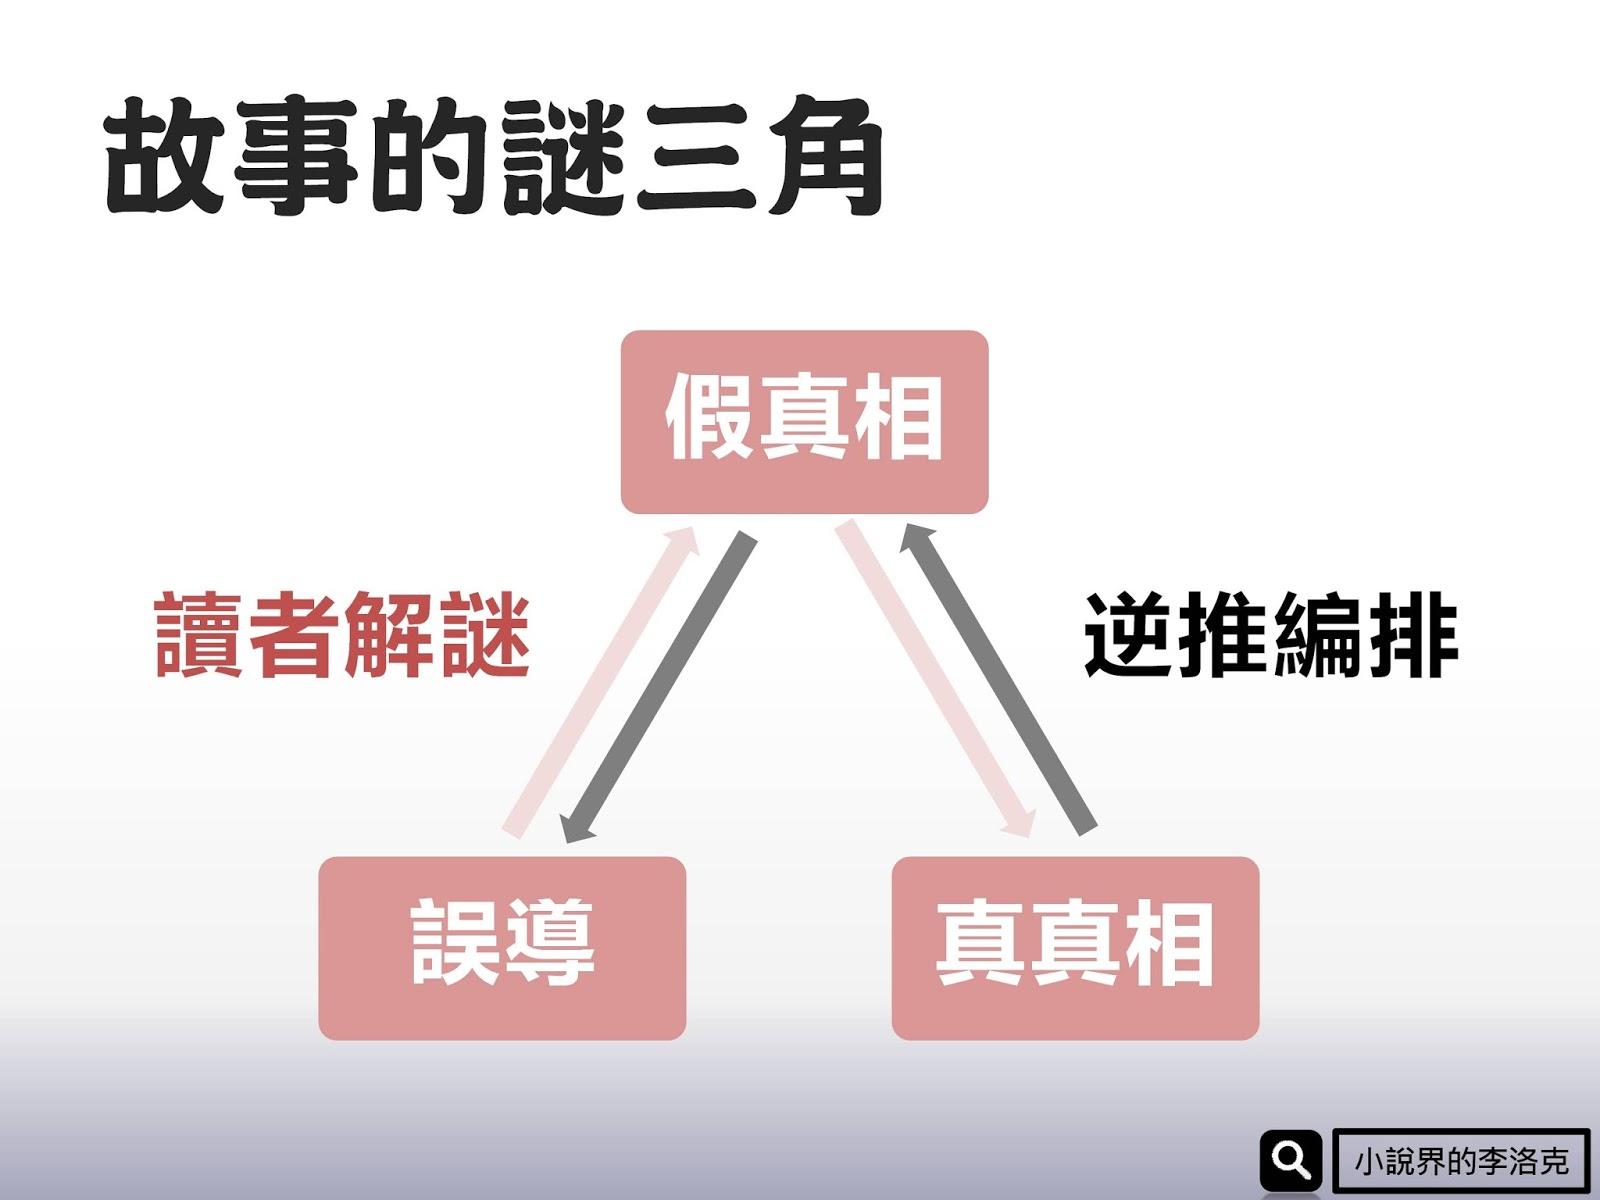 【編劇教學】獨門密技!故事的謎三角